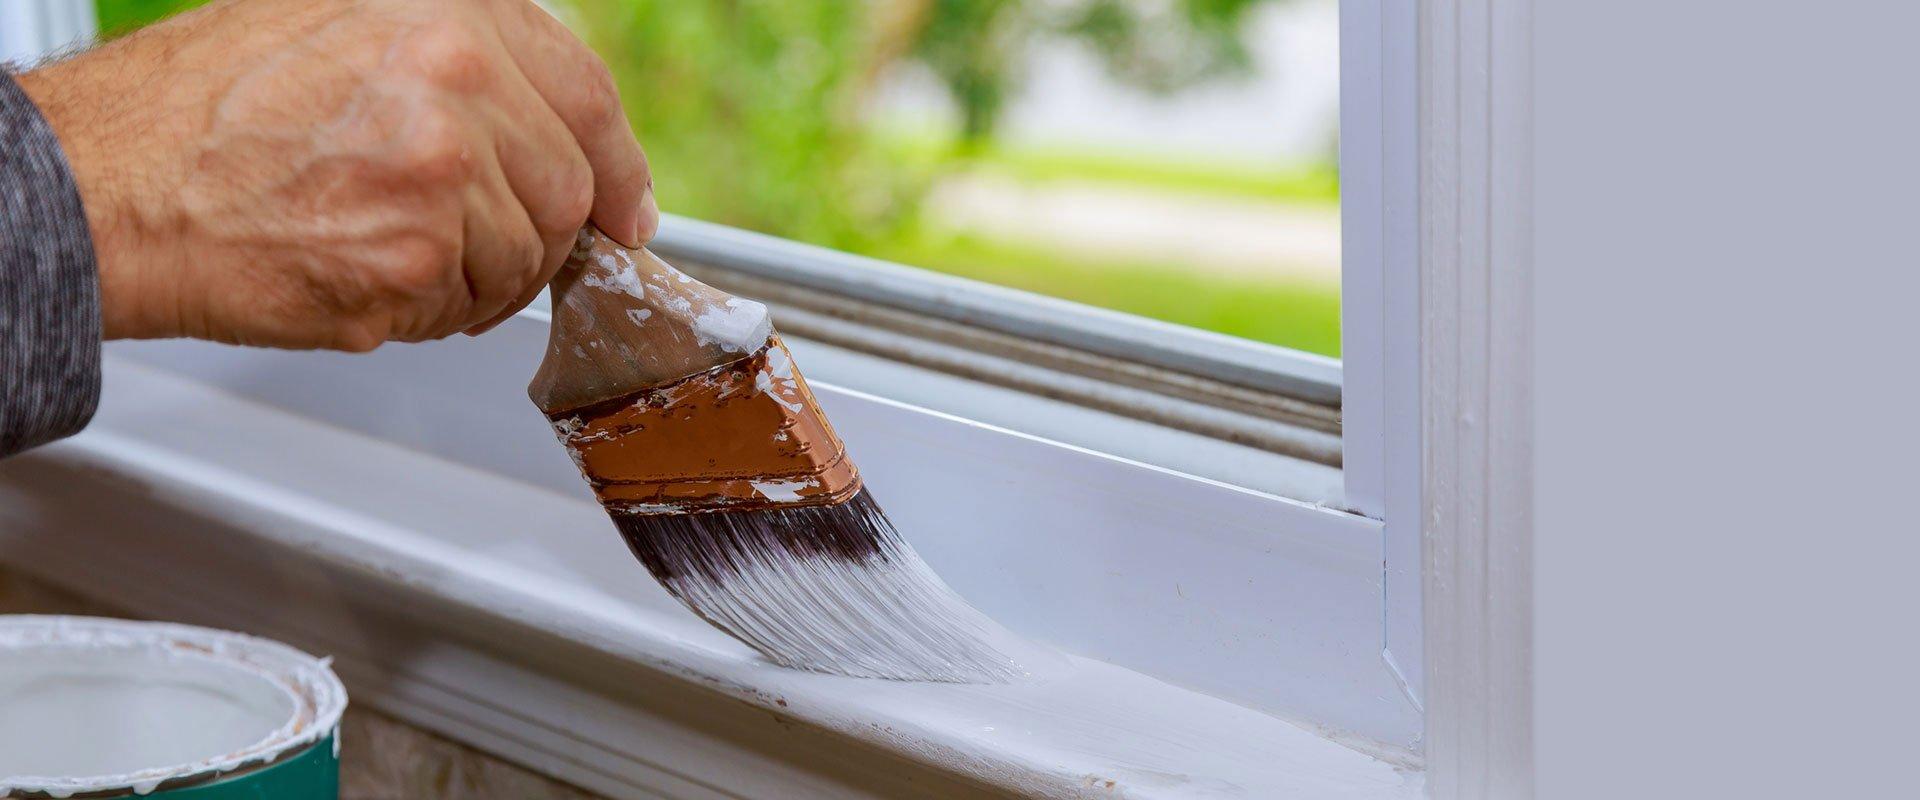 deceased estate cleaning